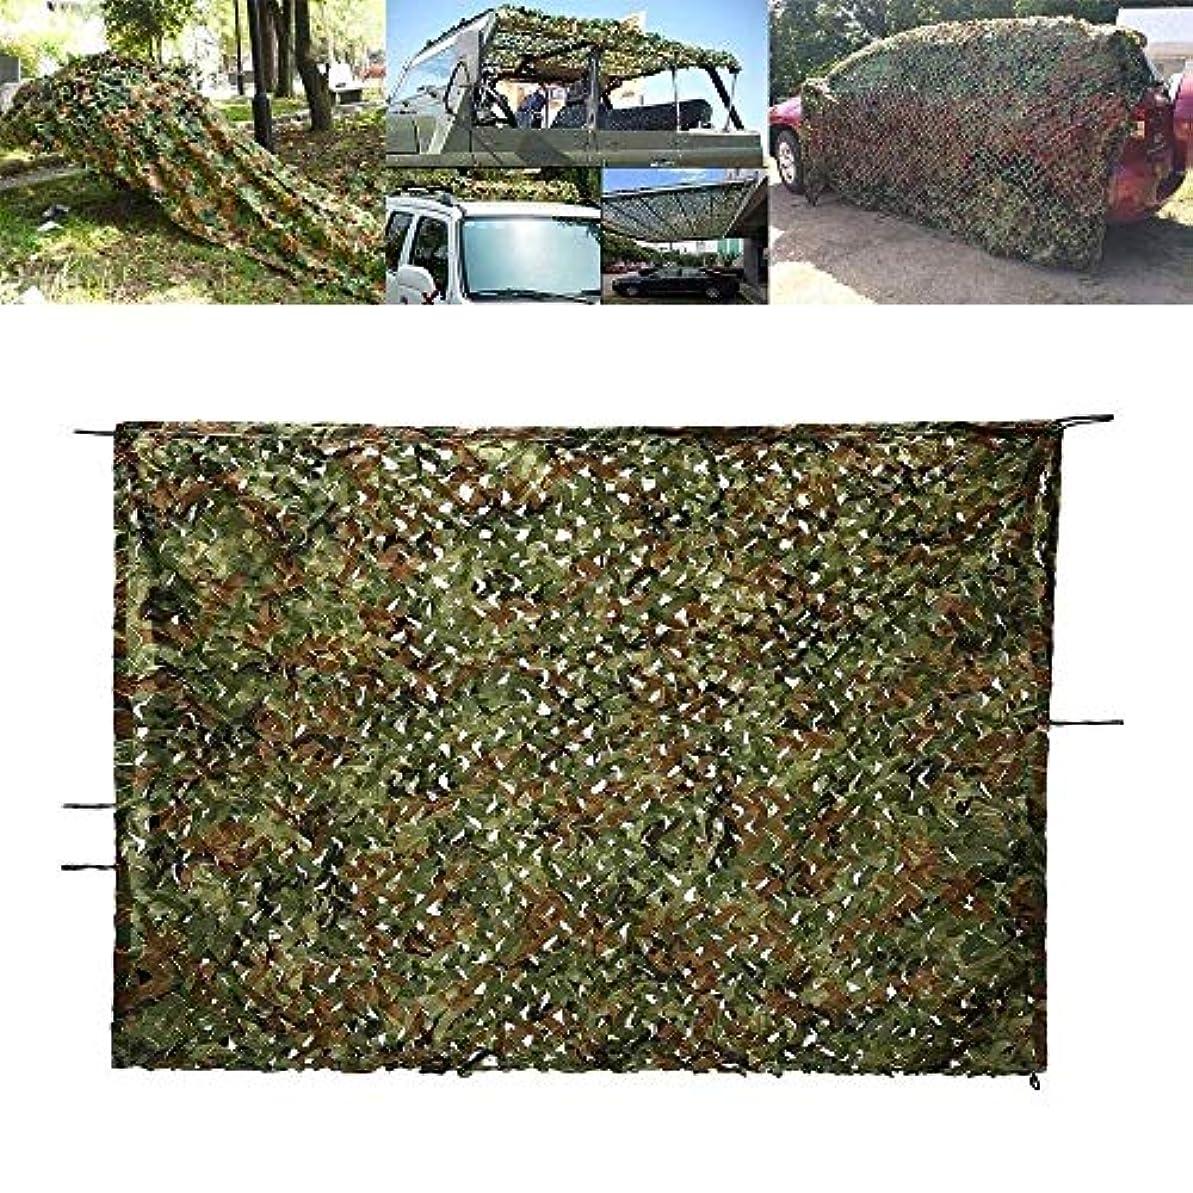 埋める残基写真の迷彩ネット グリーン迷彩ネットサンシェードネットオックスフォード傘屋外迷彩ネットキャンプ狩猟写真釣り鳥ウォッチング軍事庭の装飾 UV耐性保護プライバシー (Size : 4*4M(13.1*13.1ft))